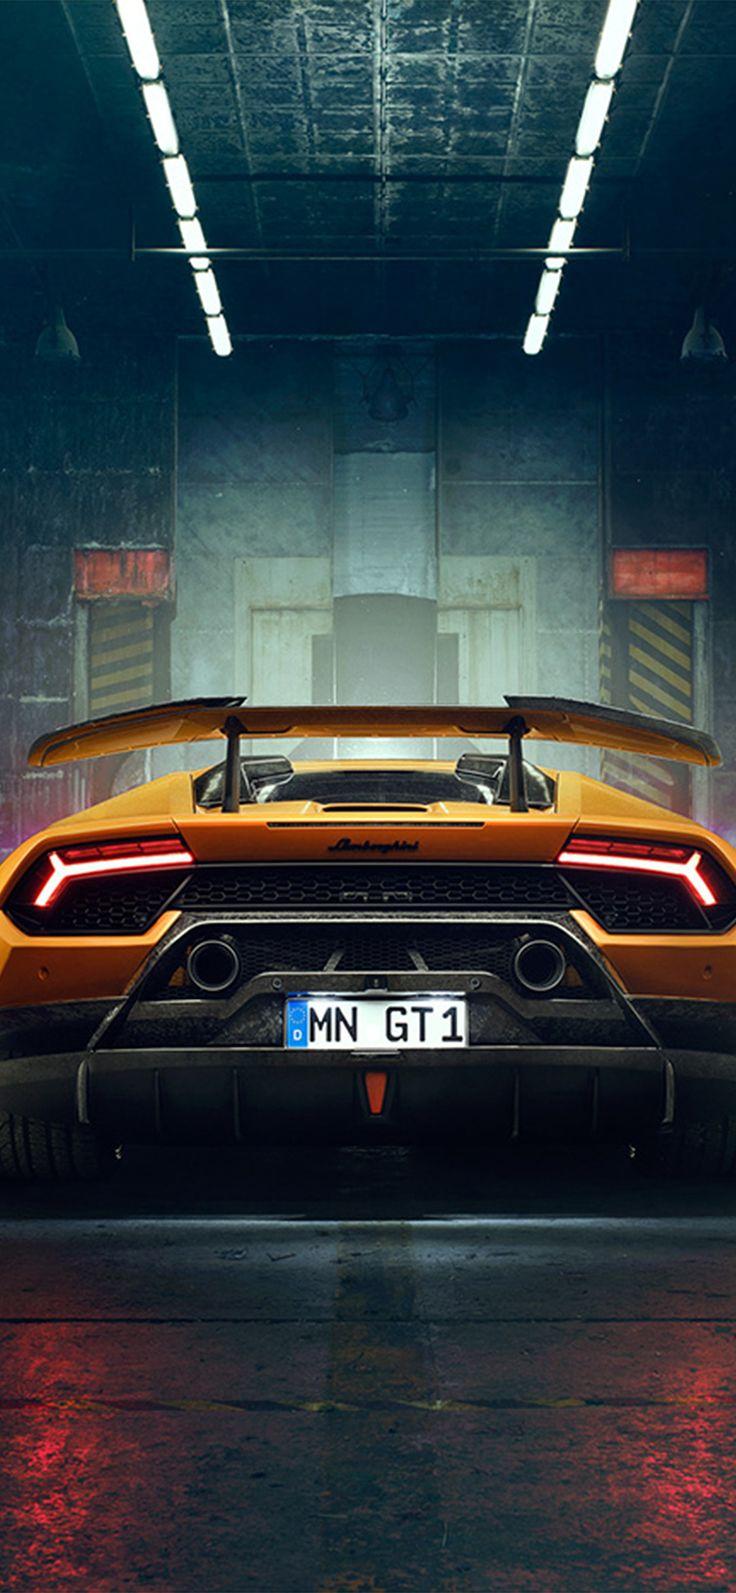 Iphone X Wallpaper Bg24 Car Lamborghini Yellow Art Via